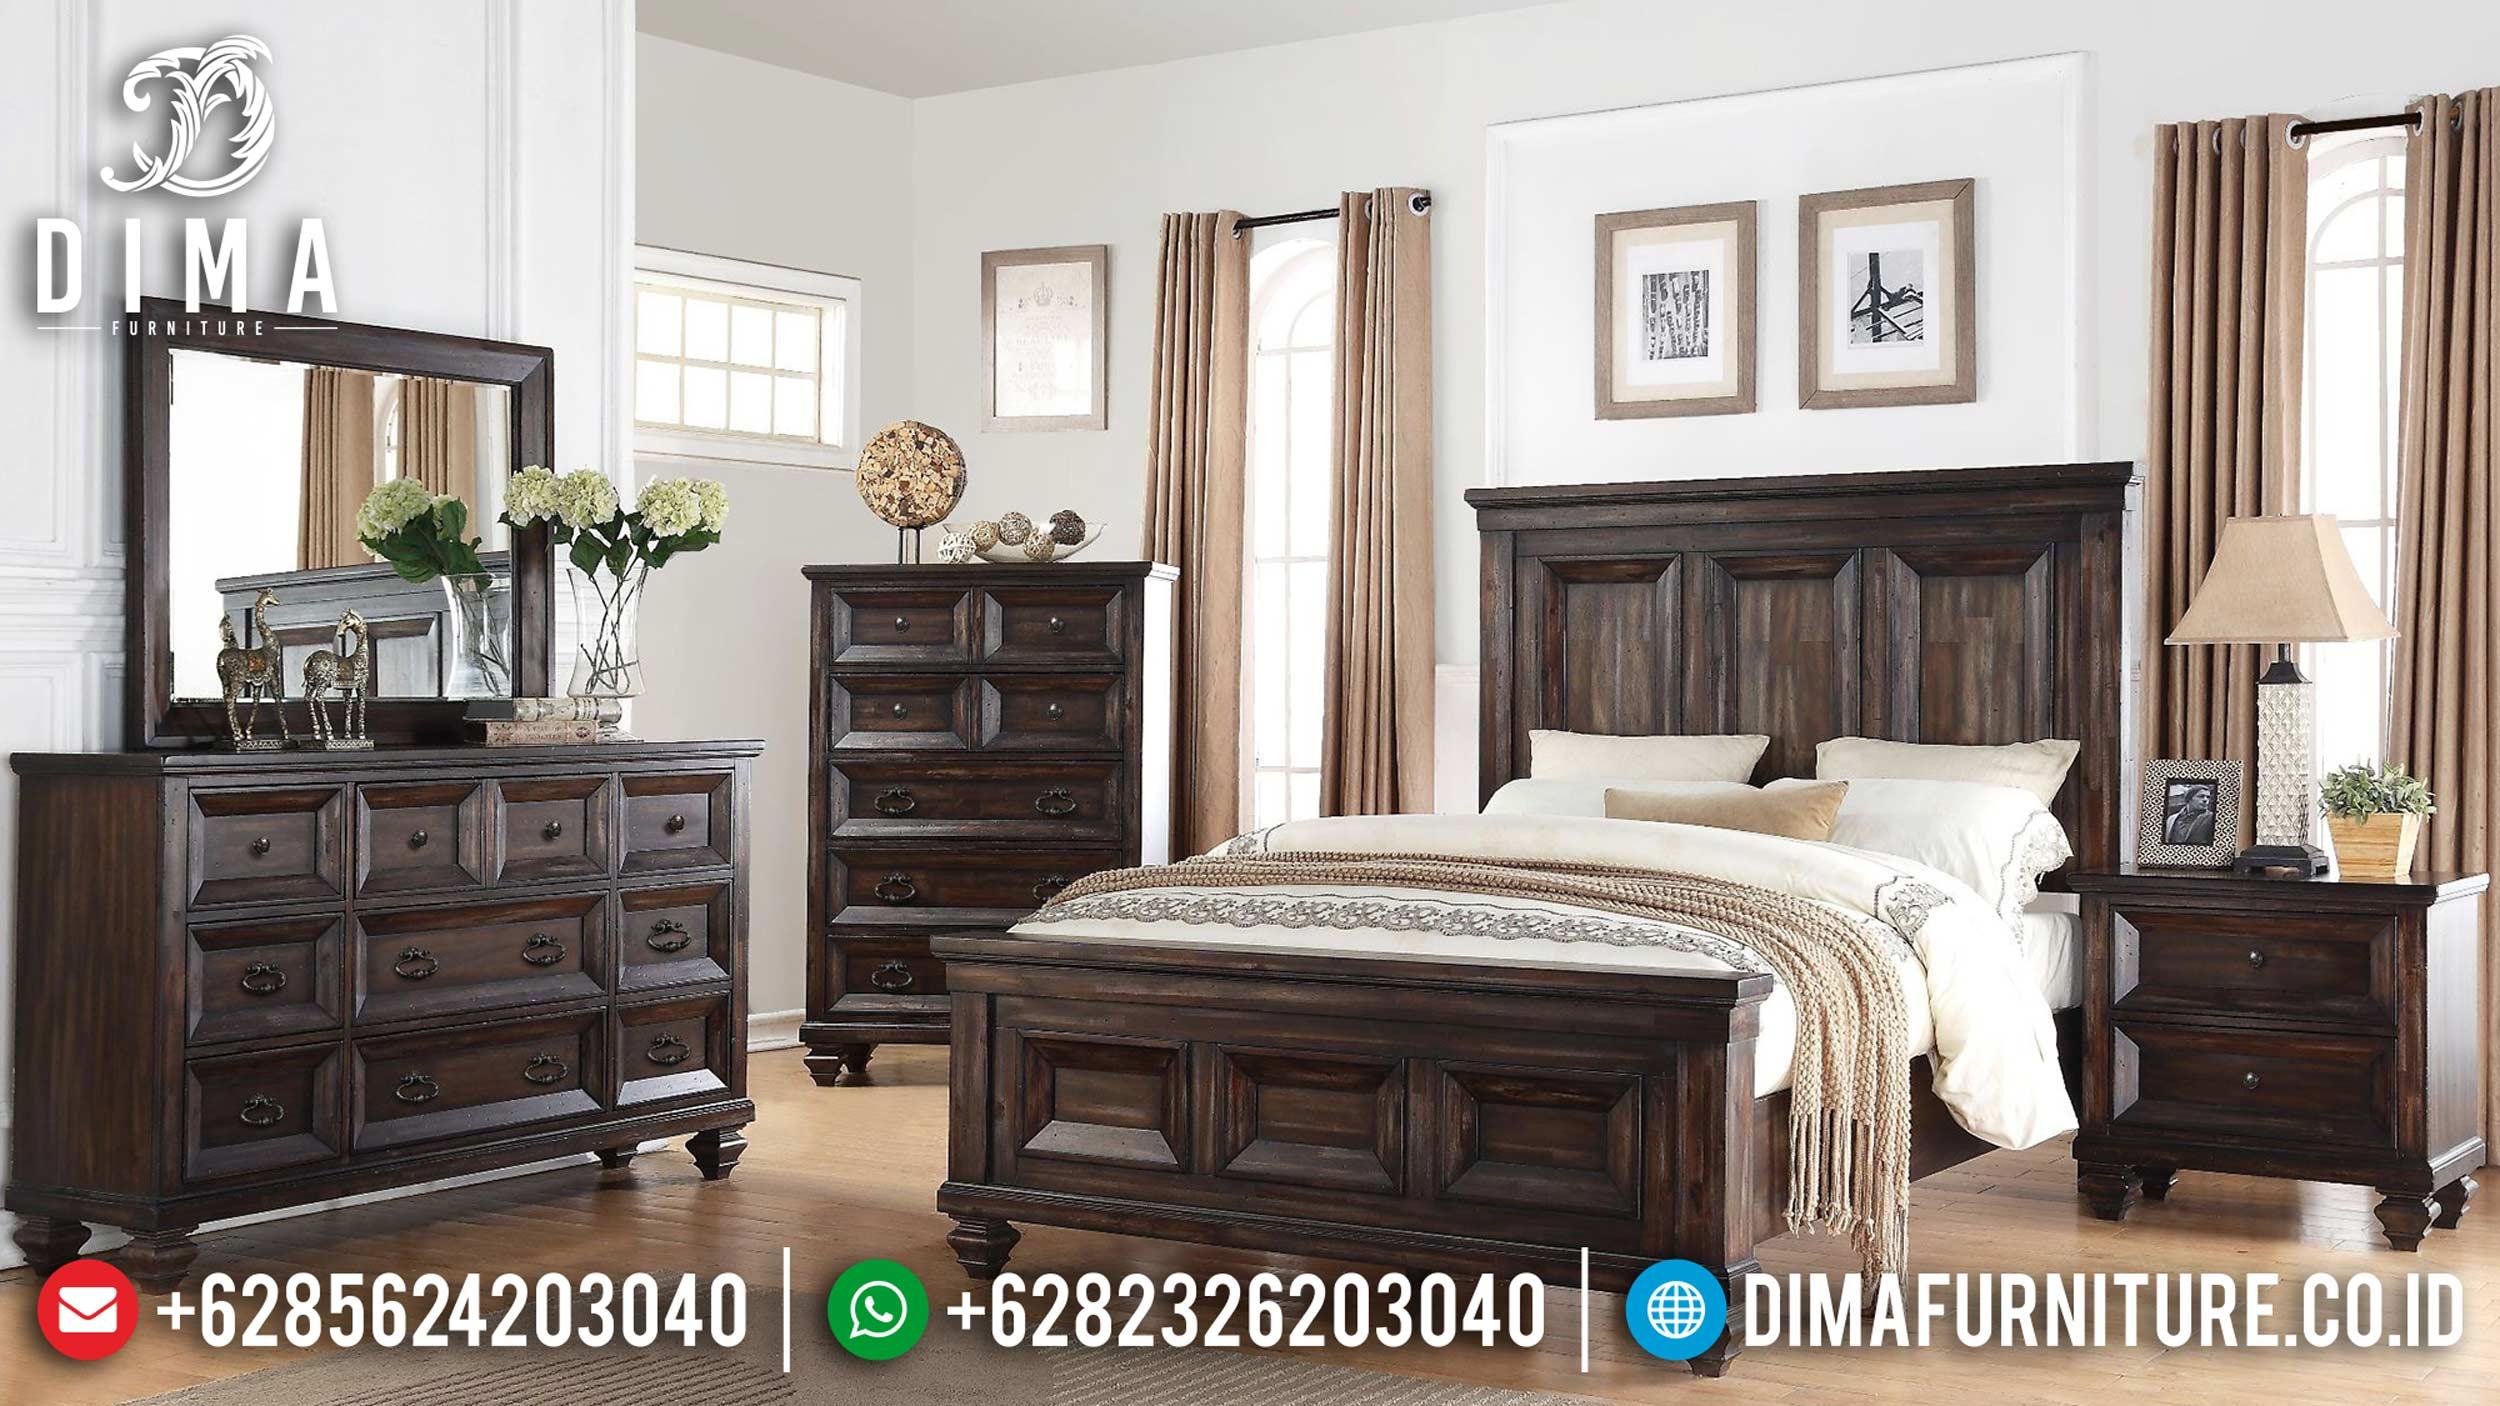 Tempat Tidur Minimalis Jepara, Kamar Set Minimalis Mewah, Dipan Jati Murah DF-0619